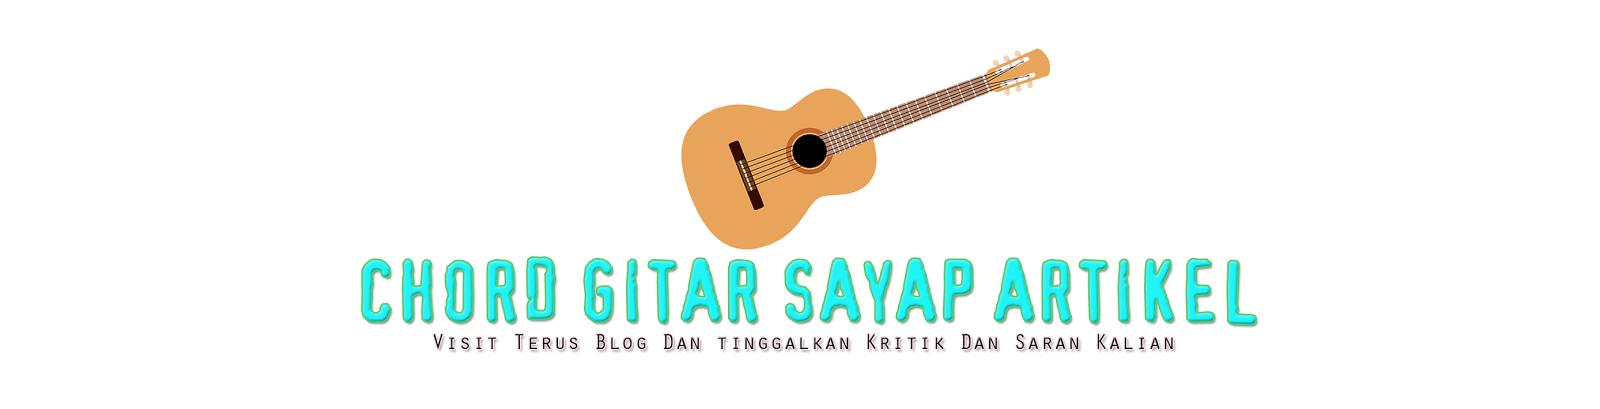 Chord Gitar Sayap Artikel